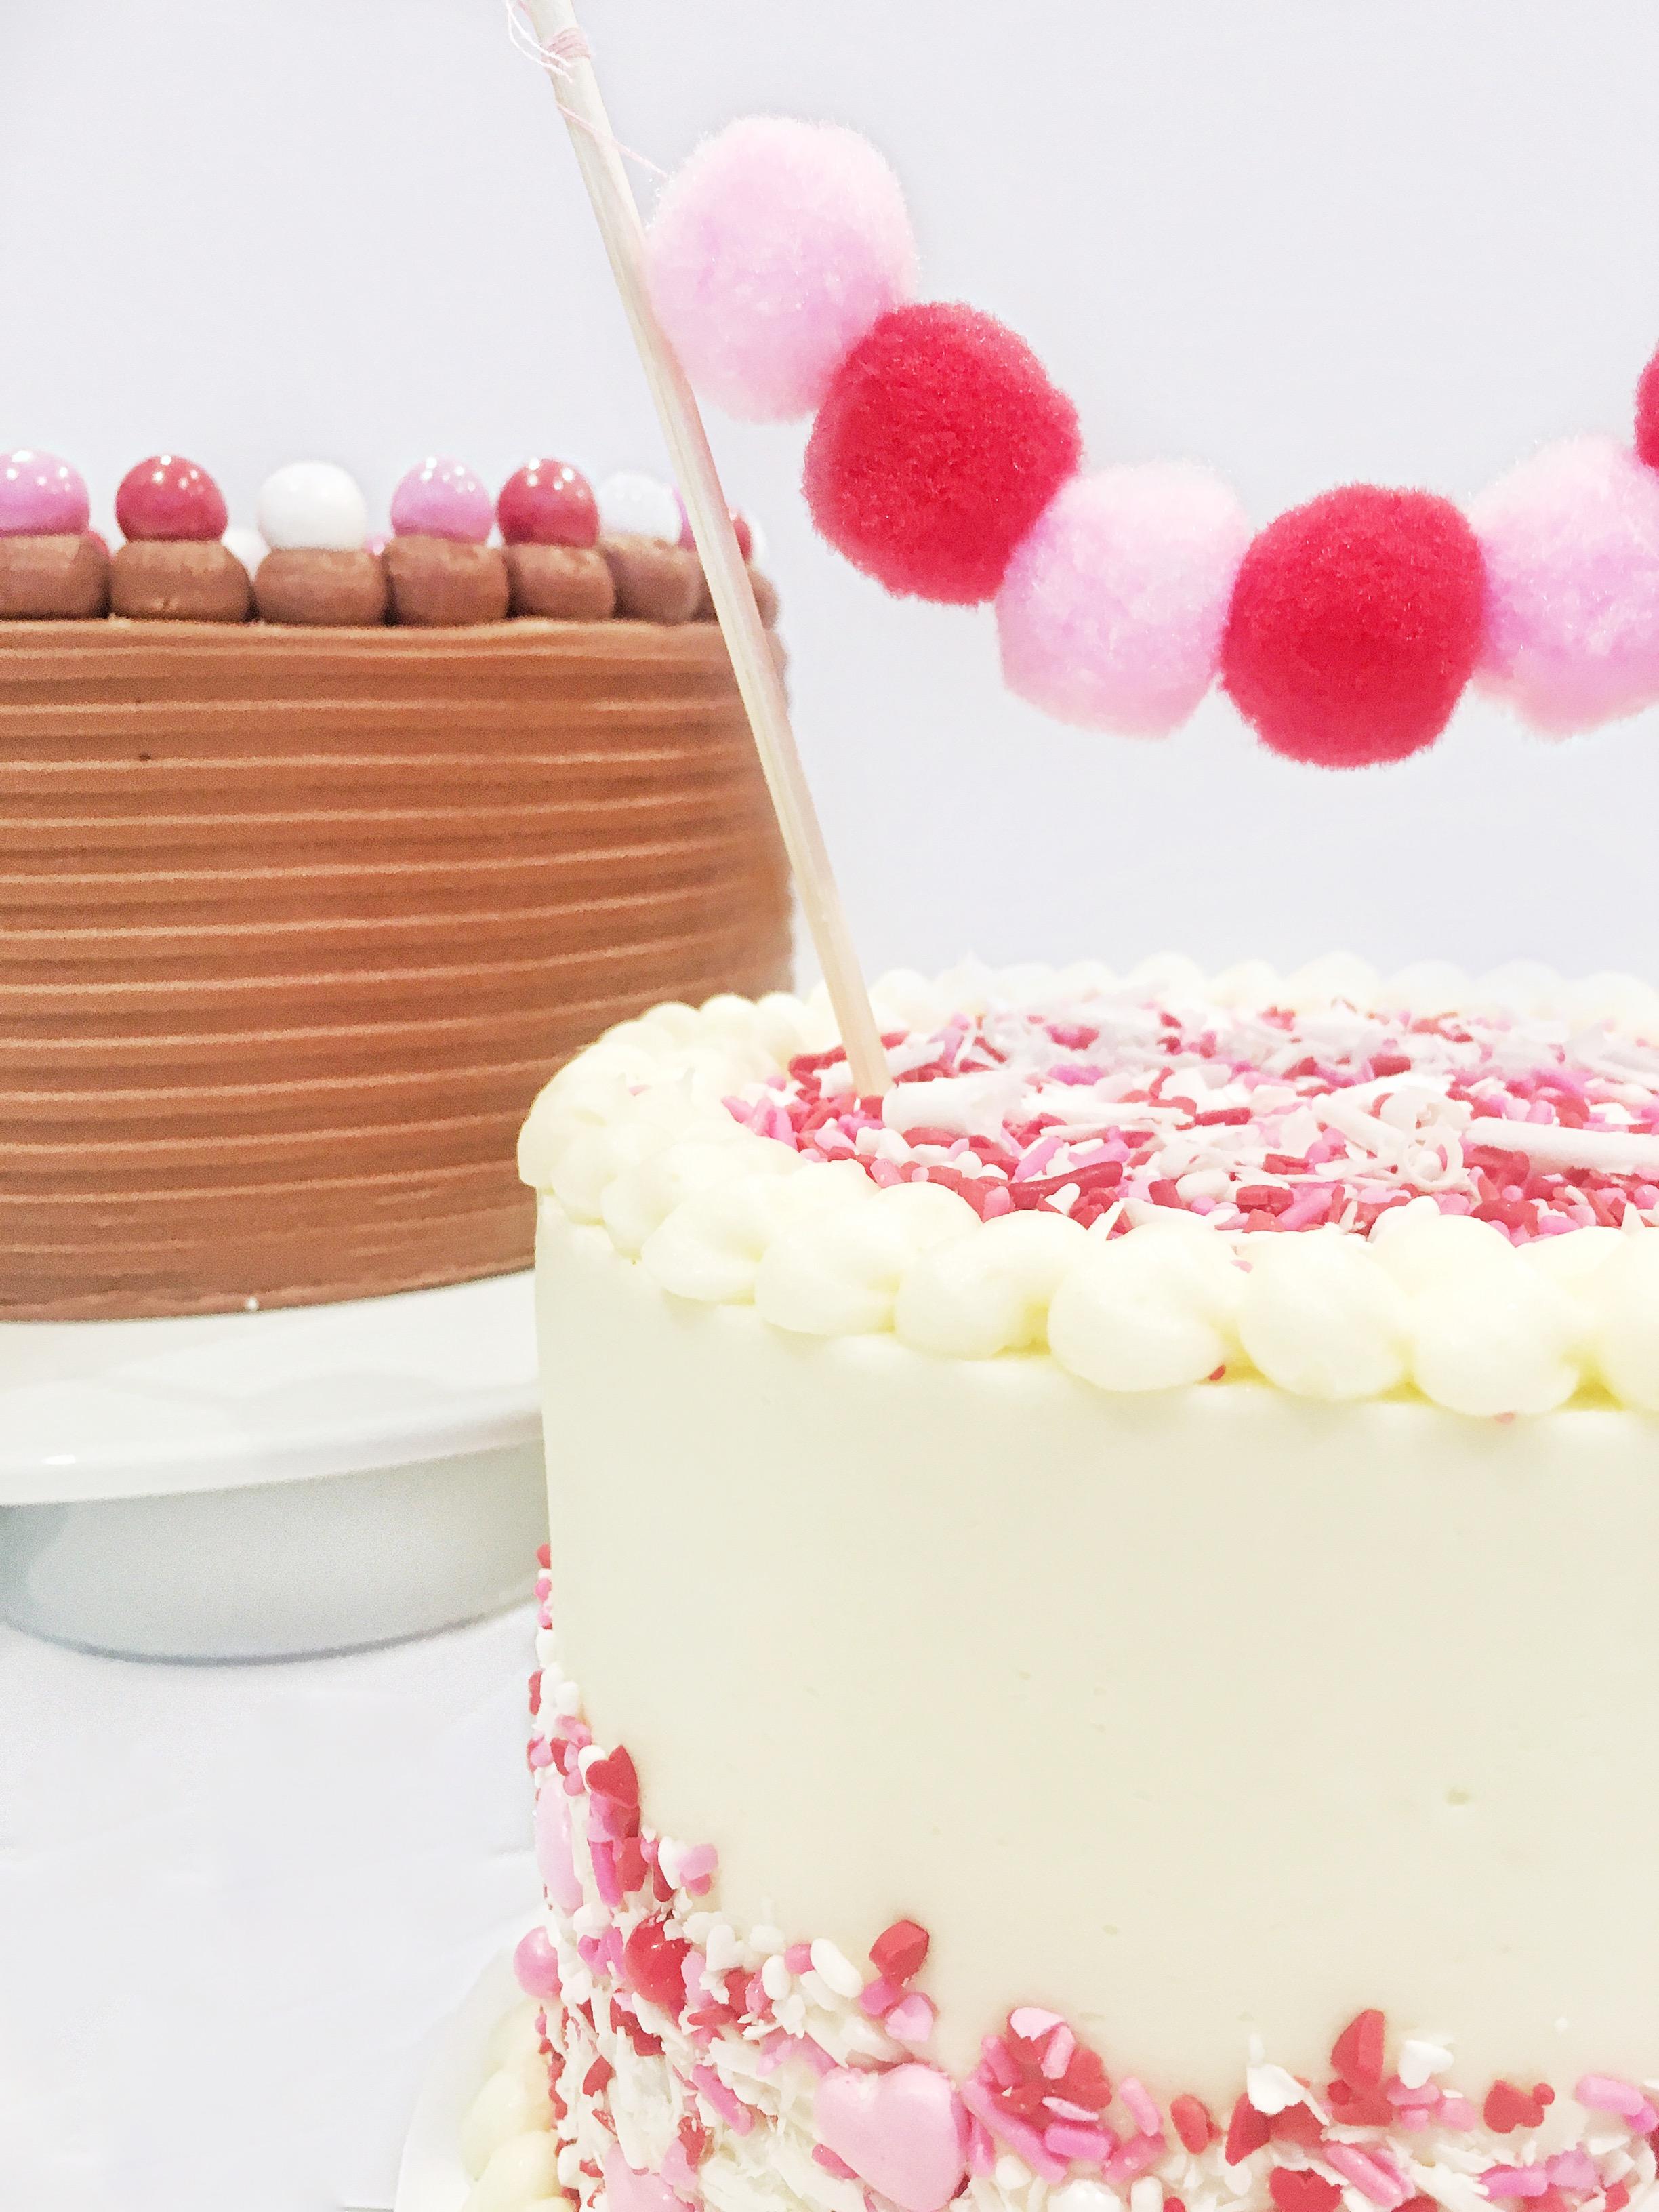 Red Velvet Cake Bake Off Cake by Courtney